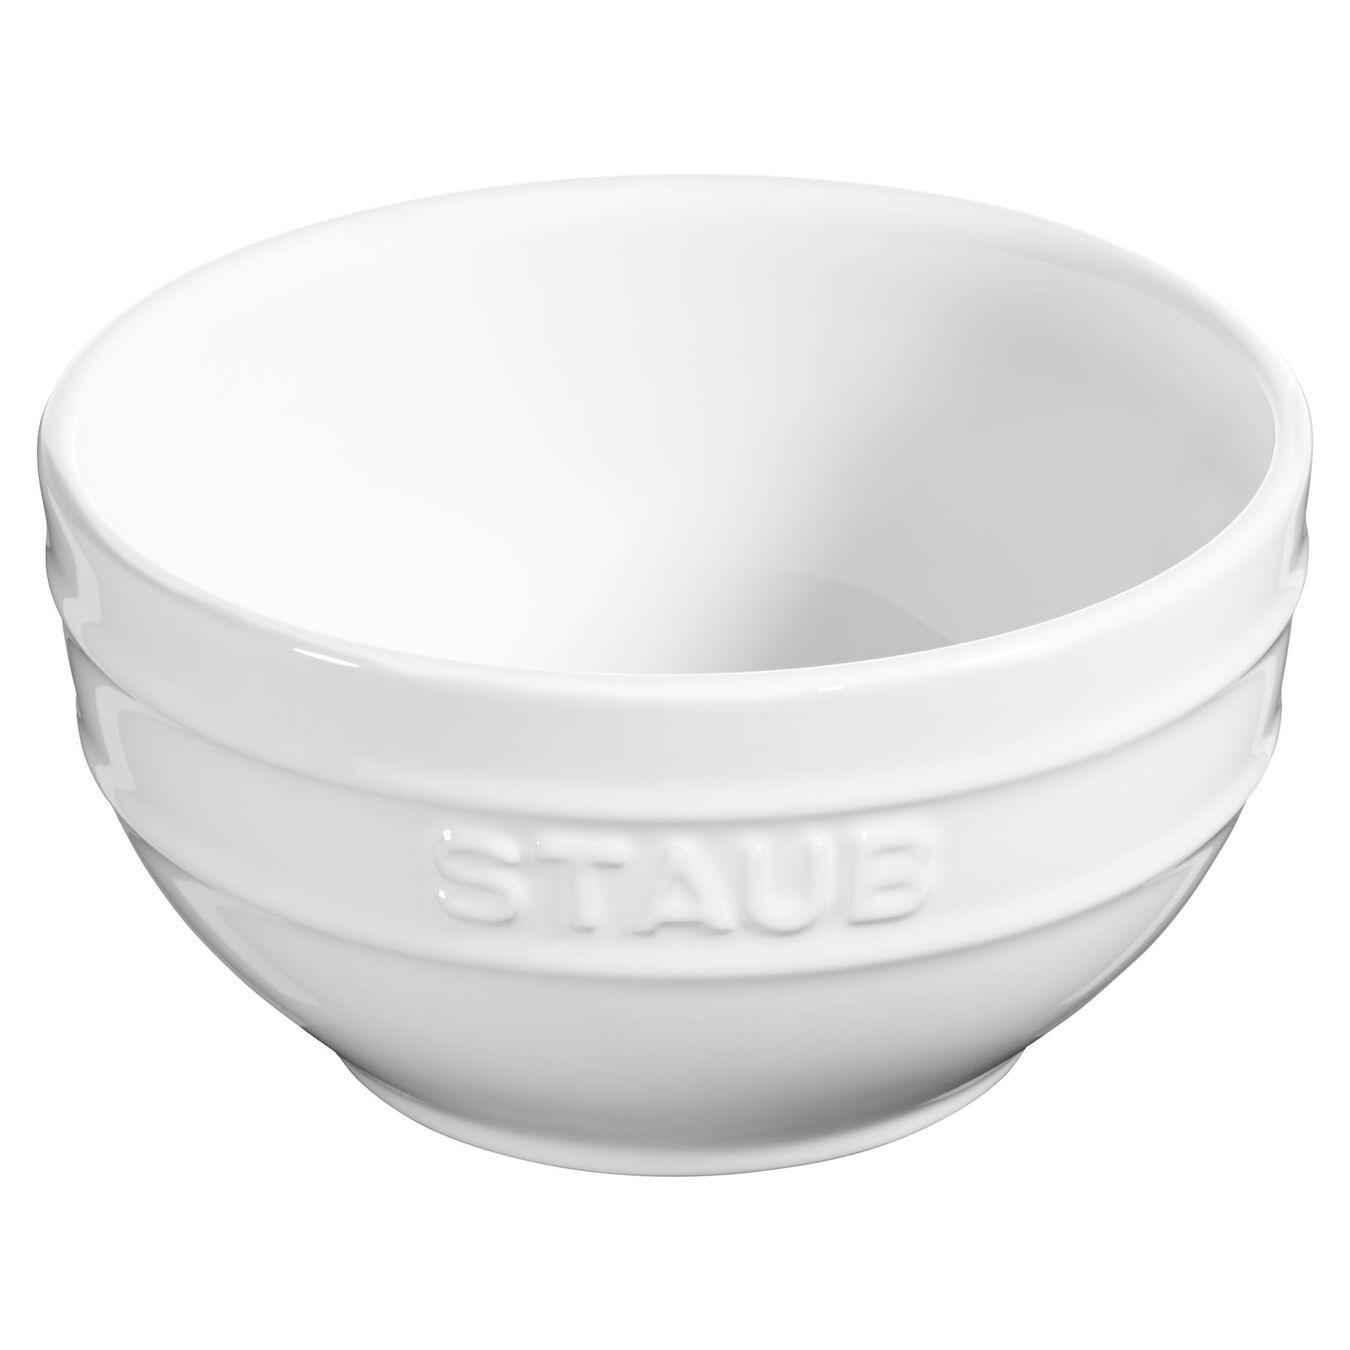 Bol 14 cm, Céramique, Blanc pur,,large 1